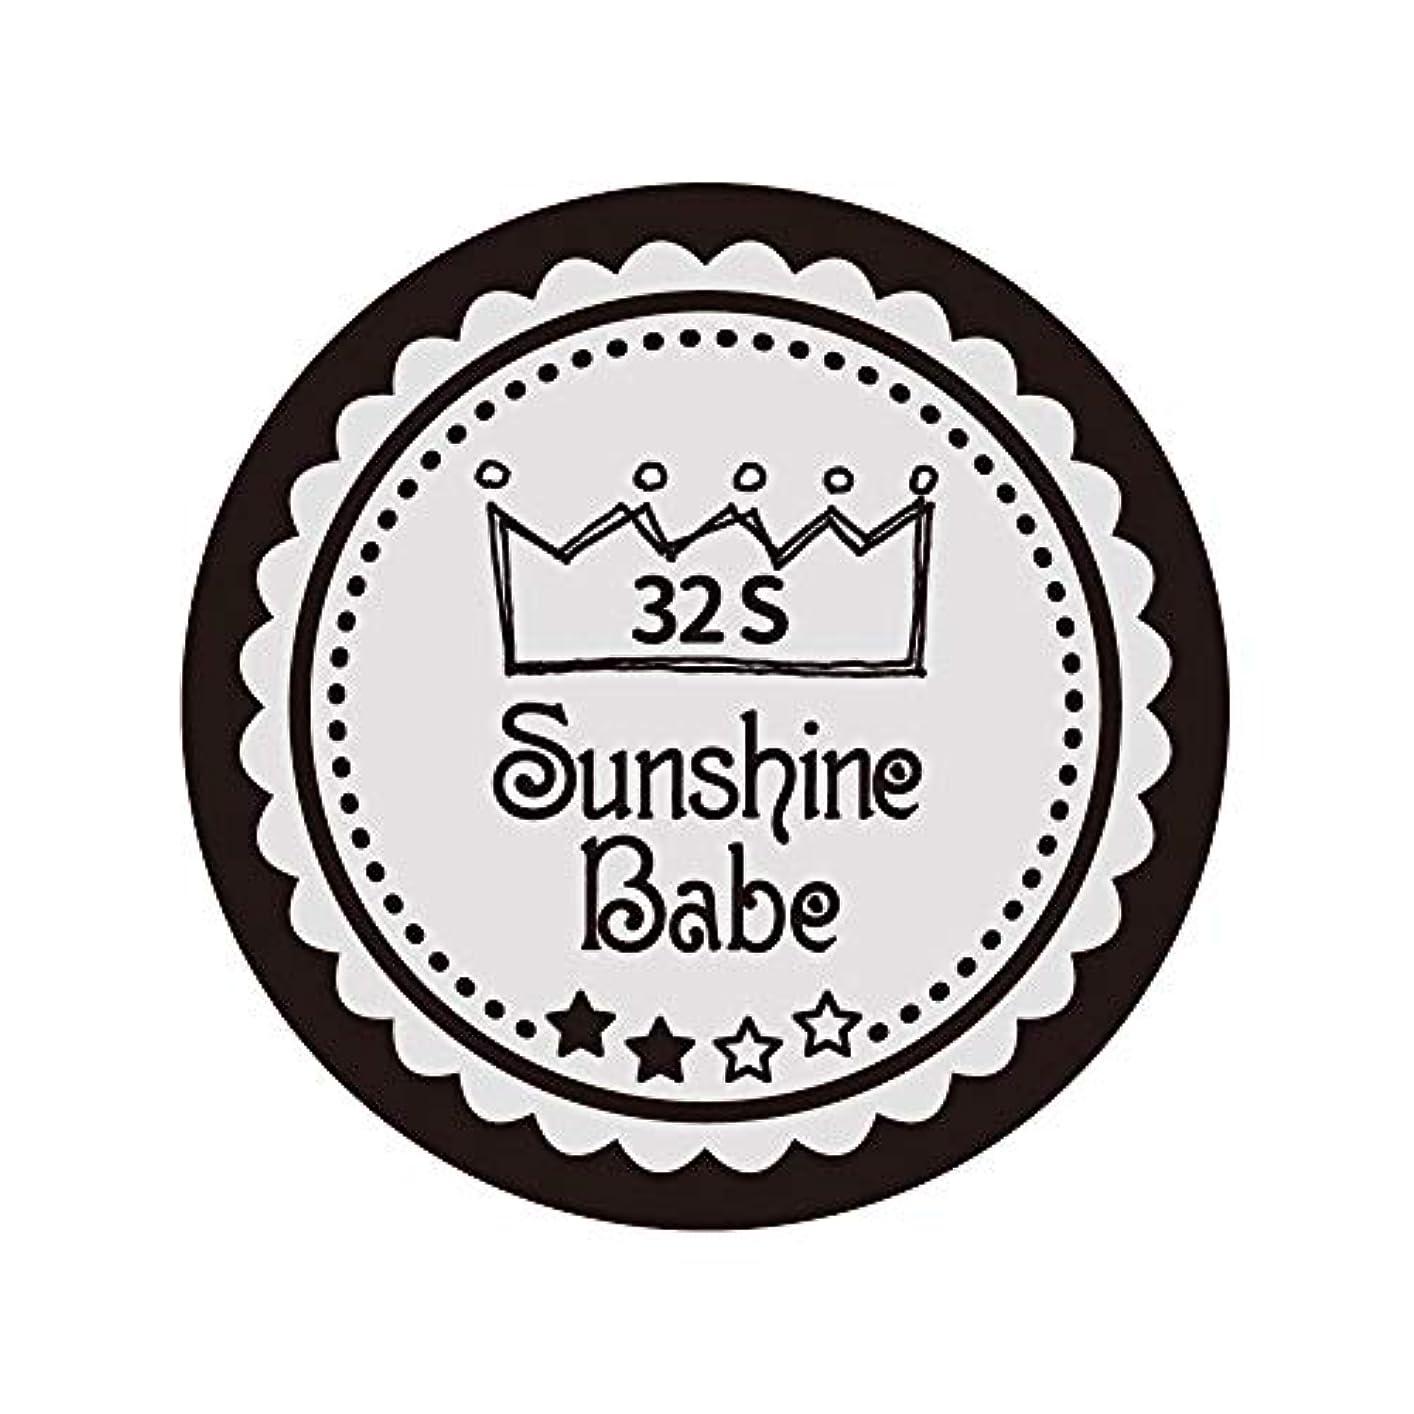 悲劇的な宿題をする乱用Sunshine Babe カラージェル 32S ミルキーグレージュ 2.7g UV/LED対応